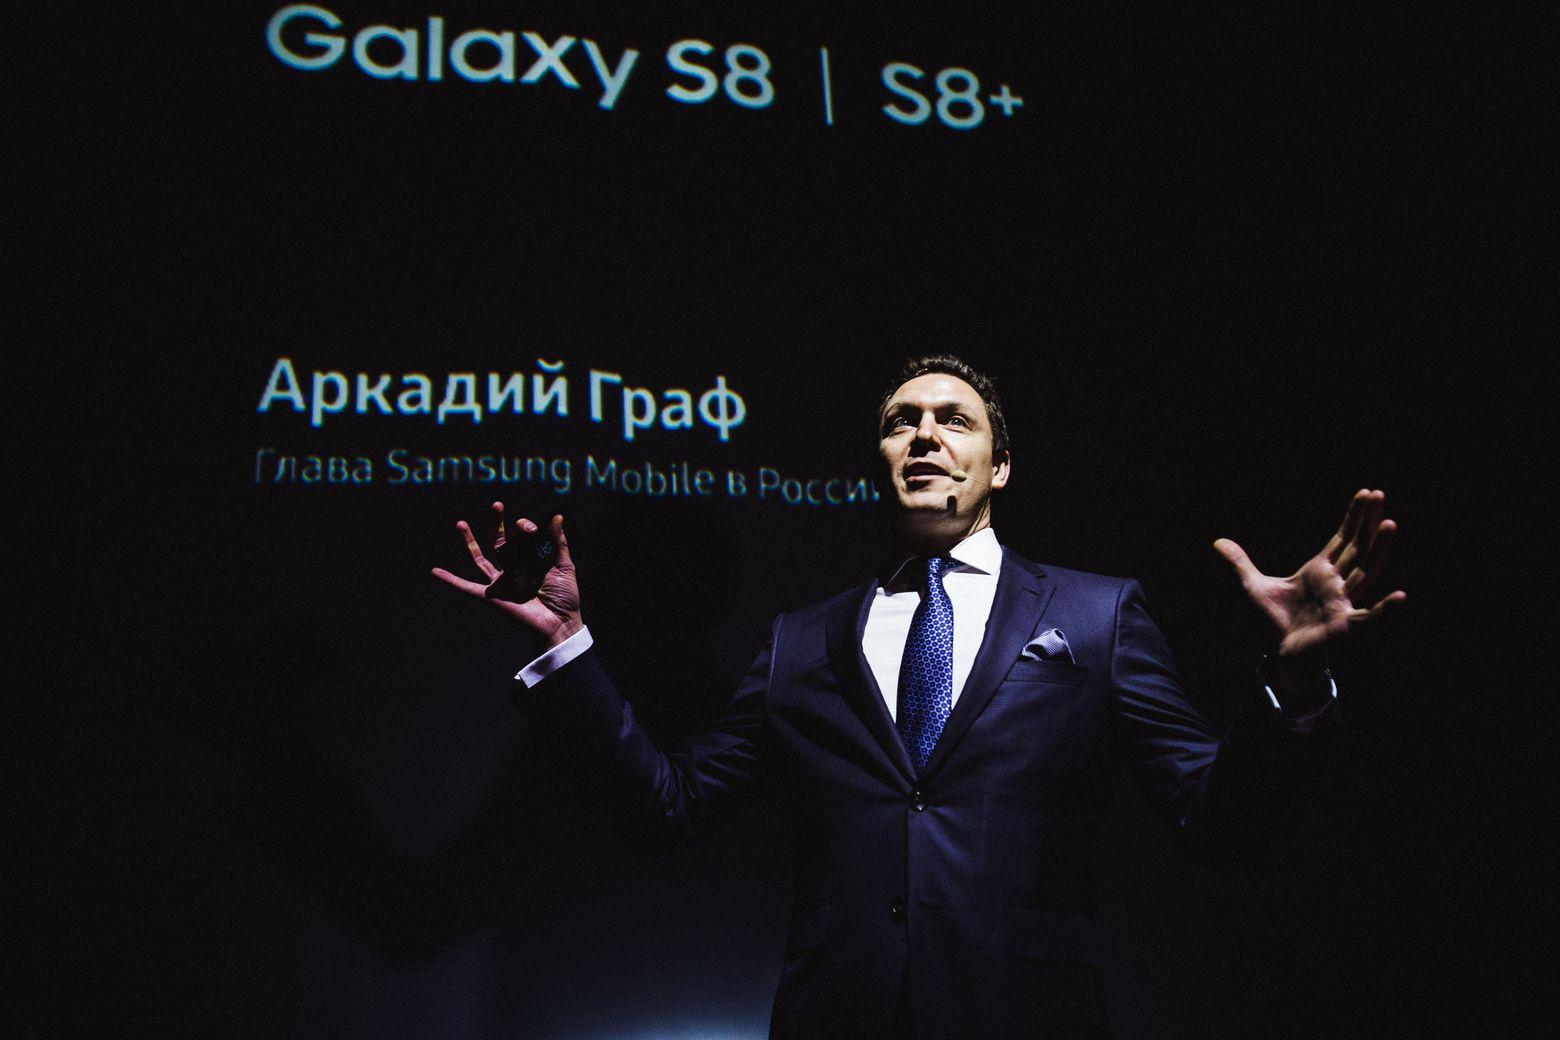 Глава Samsung Mobile в России Аркадий Граф